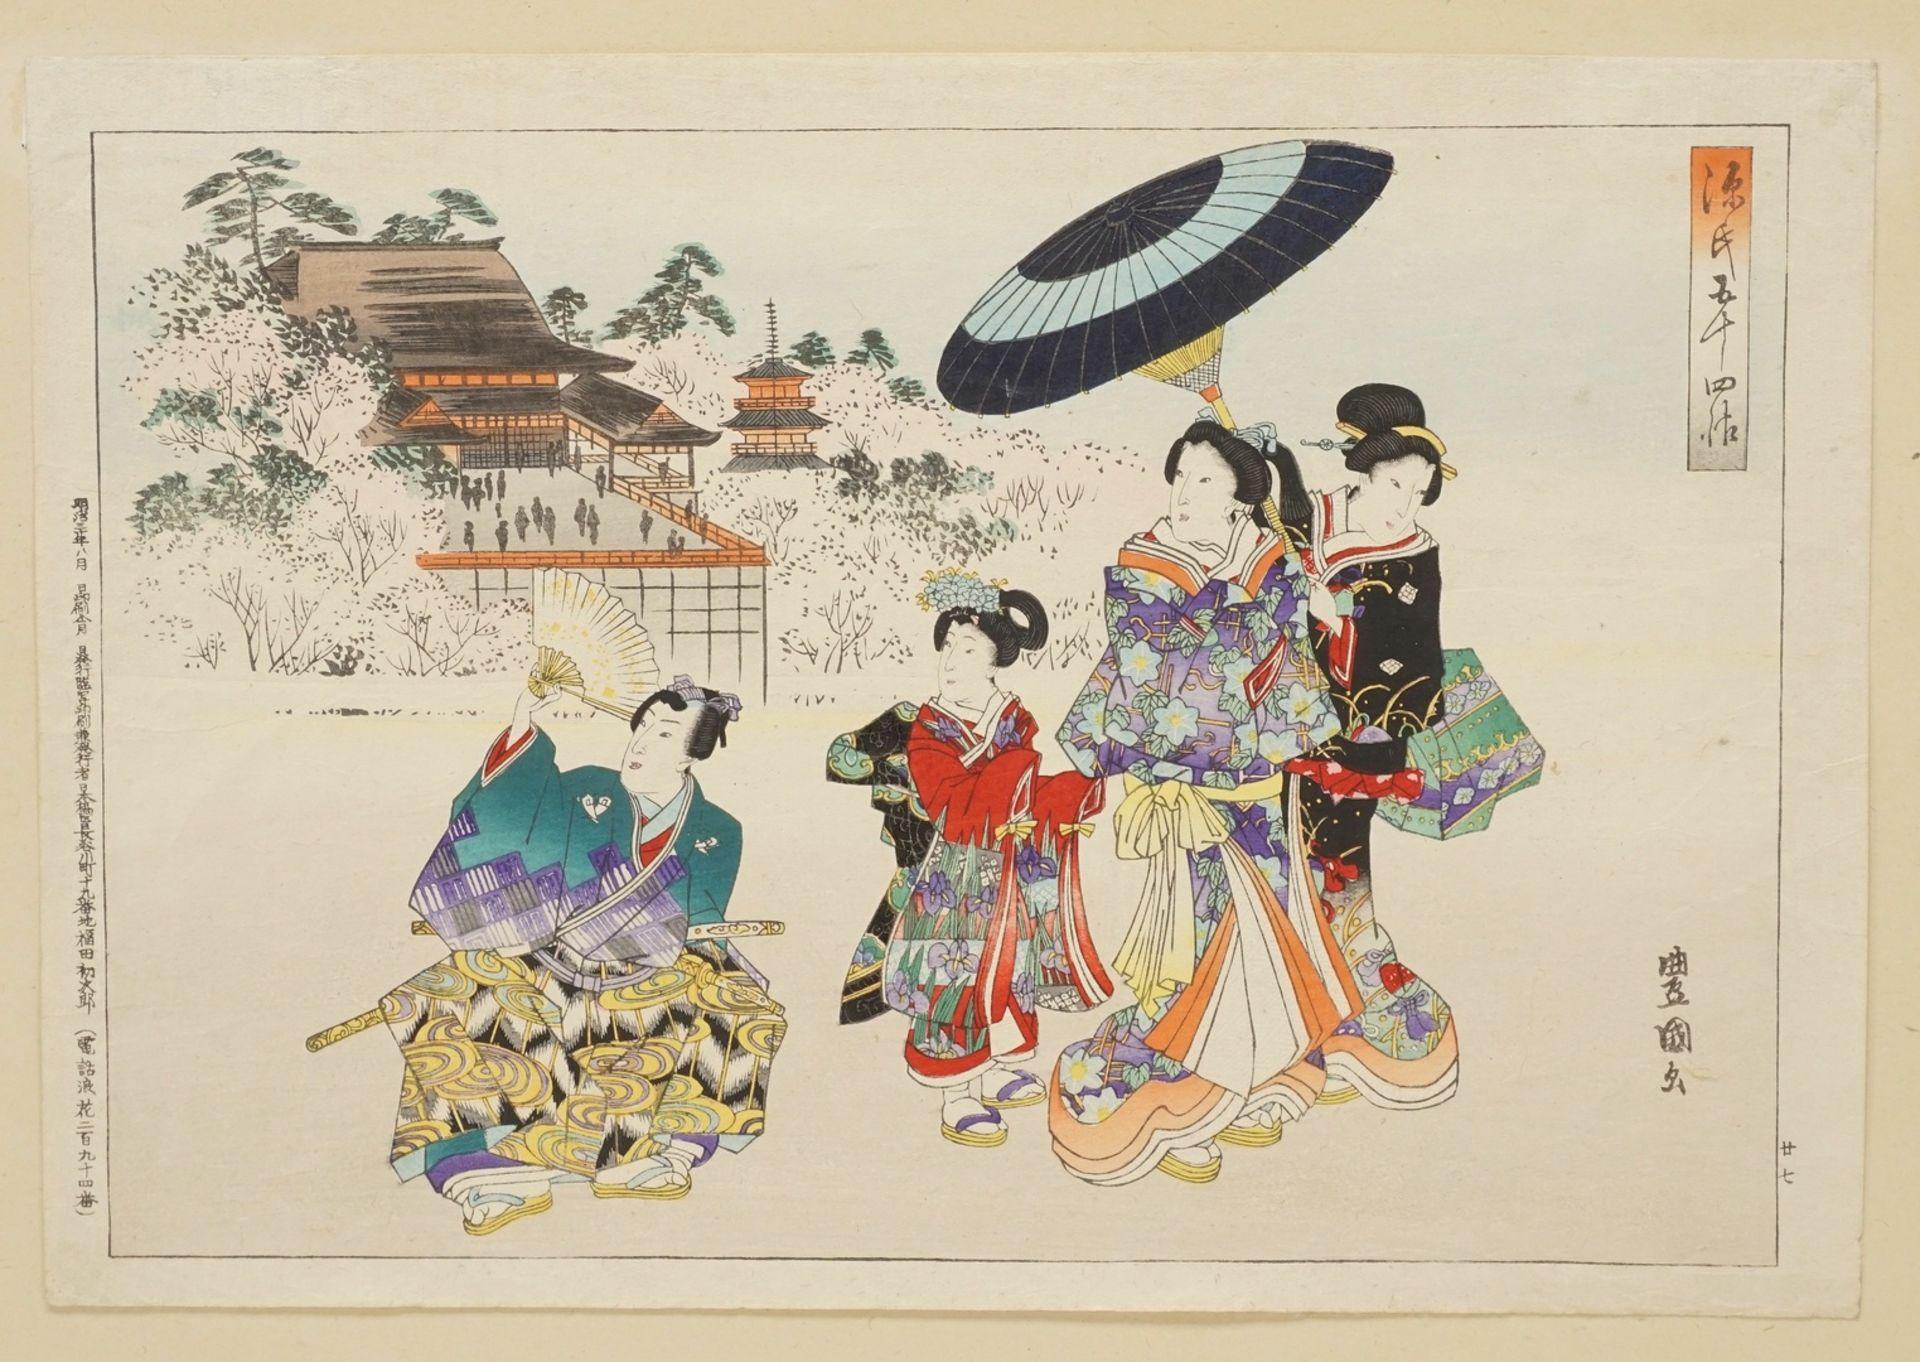 Drei Holzschnitte mit Frauen, Japan, wohl 2. Hälfte 19. Jh. - Bild 4 aus 4